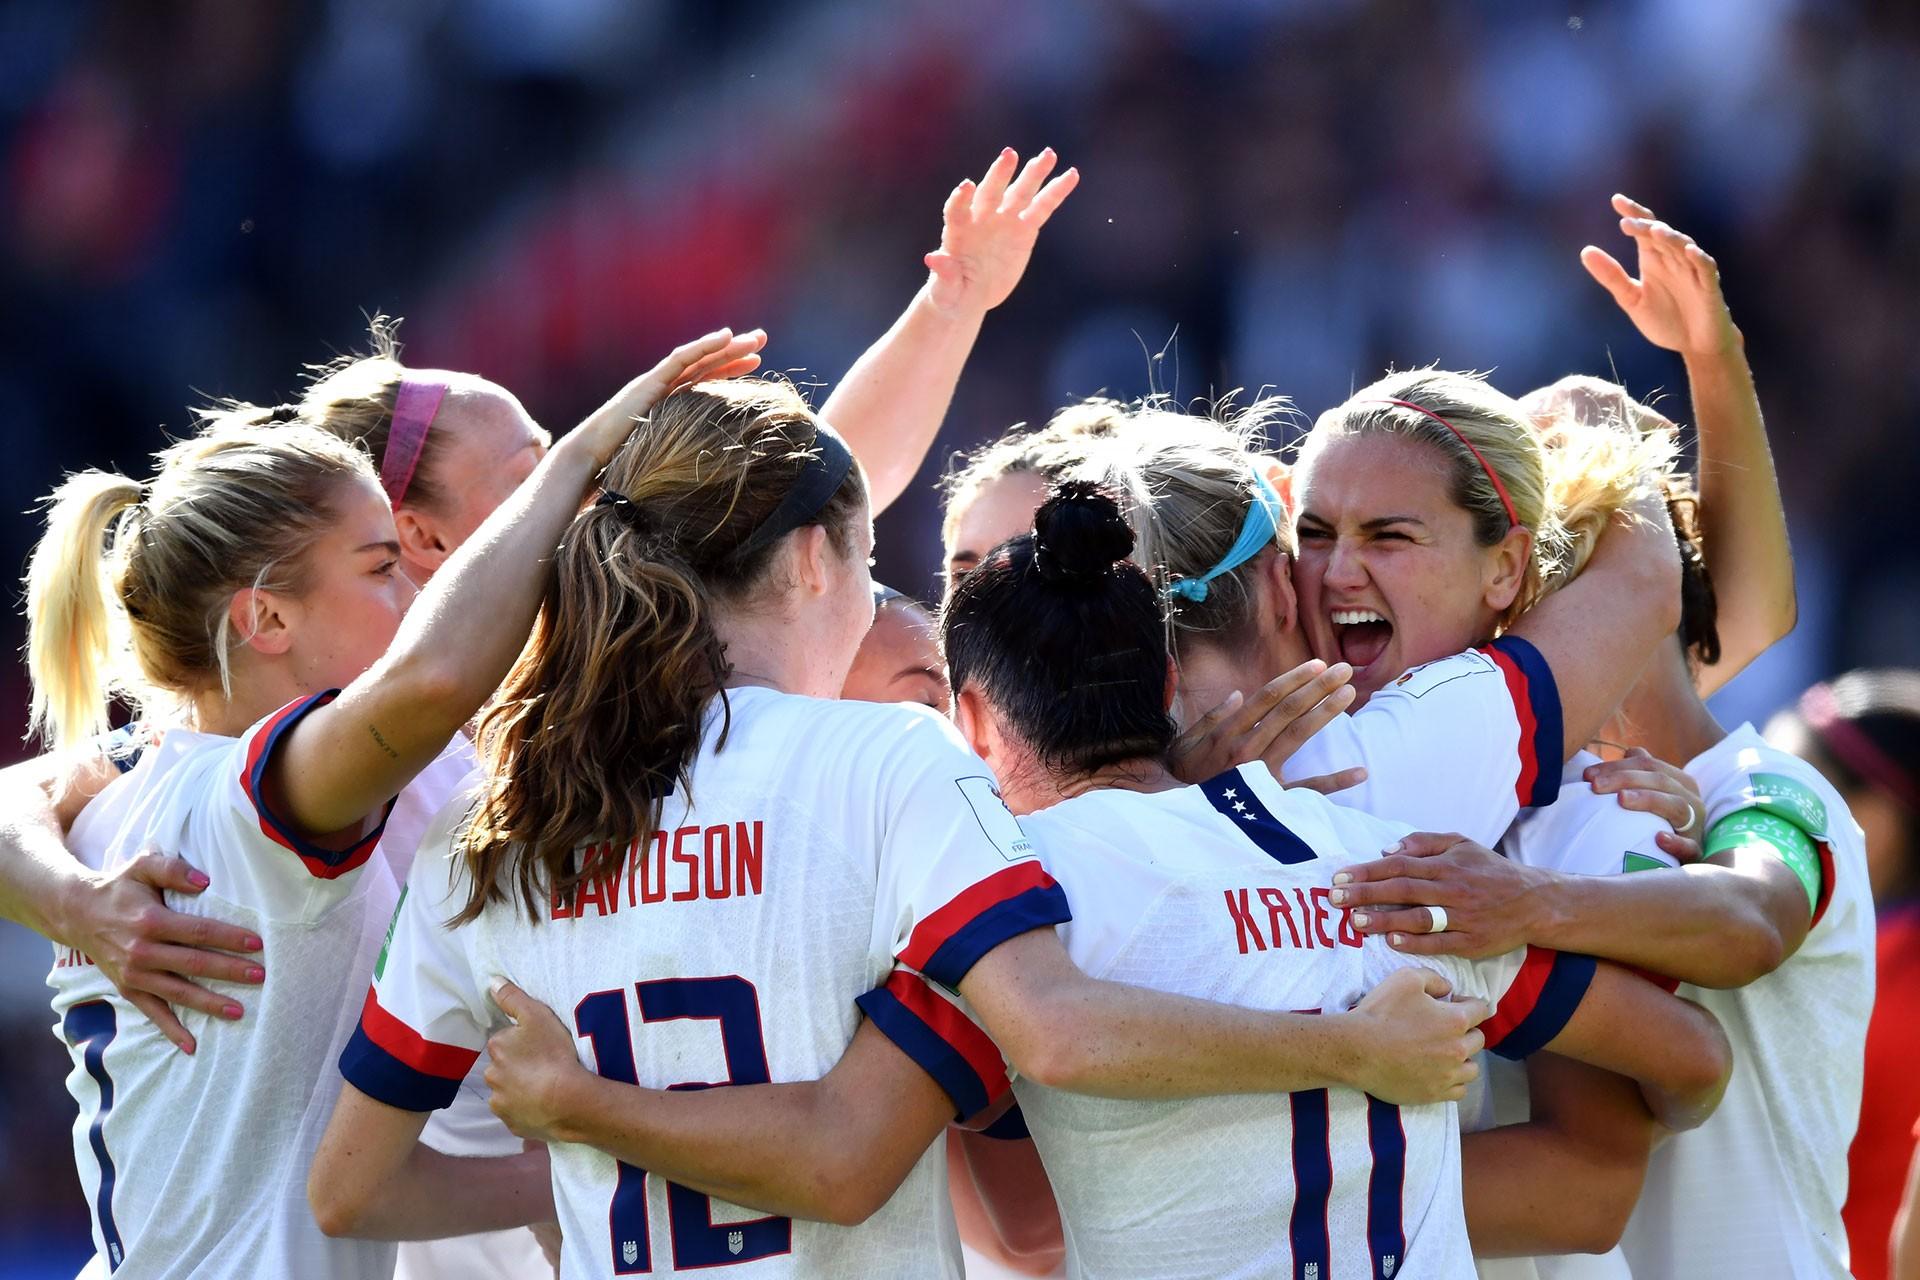 ABD milli takımı 8. Kadınlar Dünya Kupası'nın da favori takımlarından biri